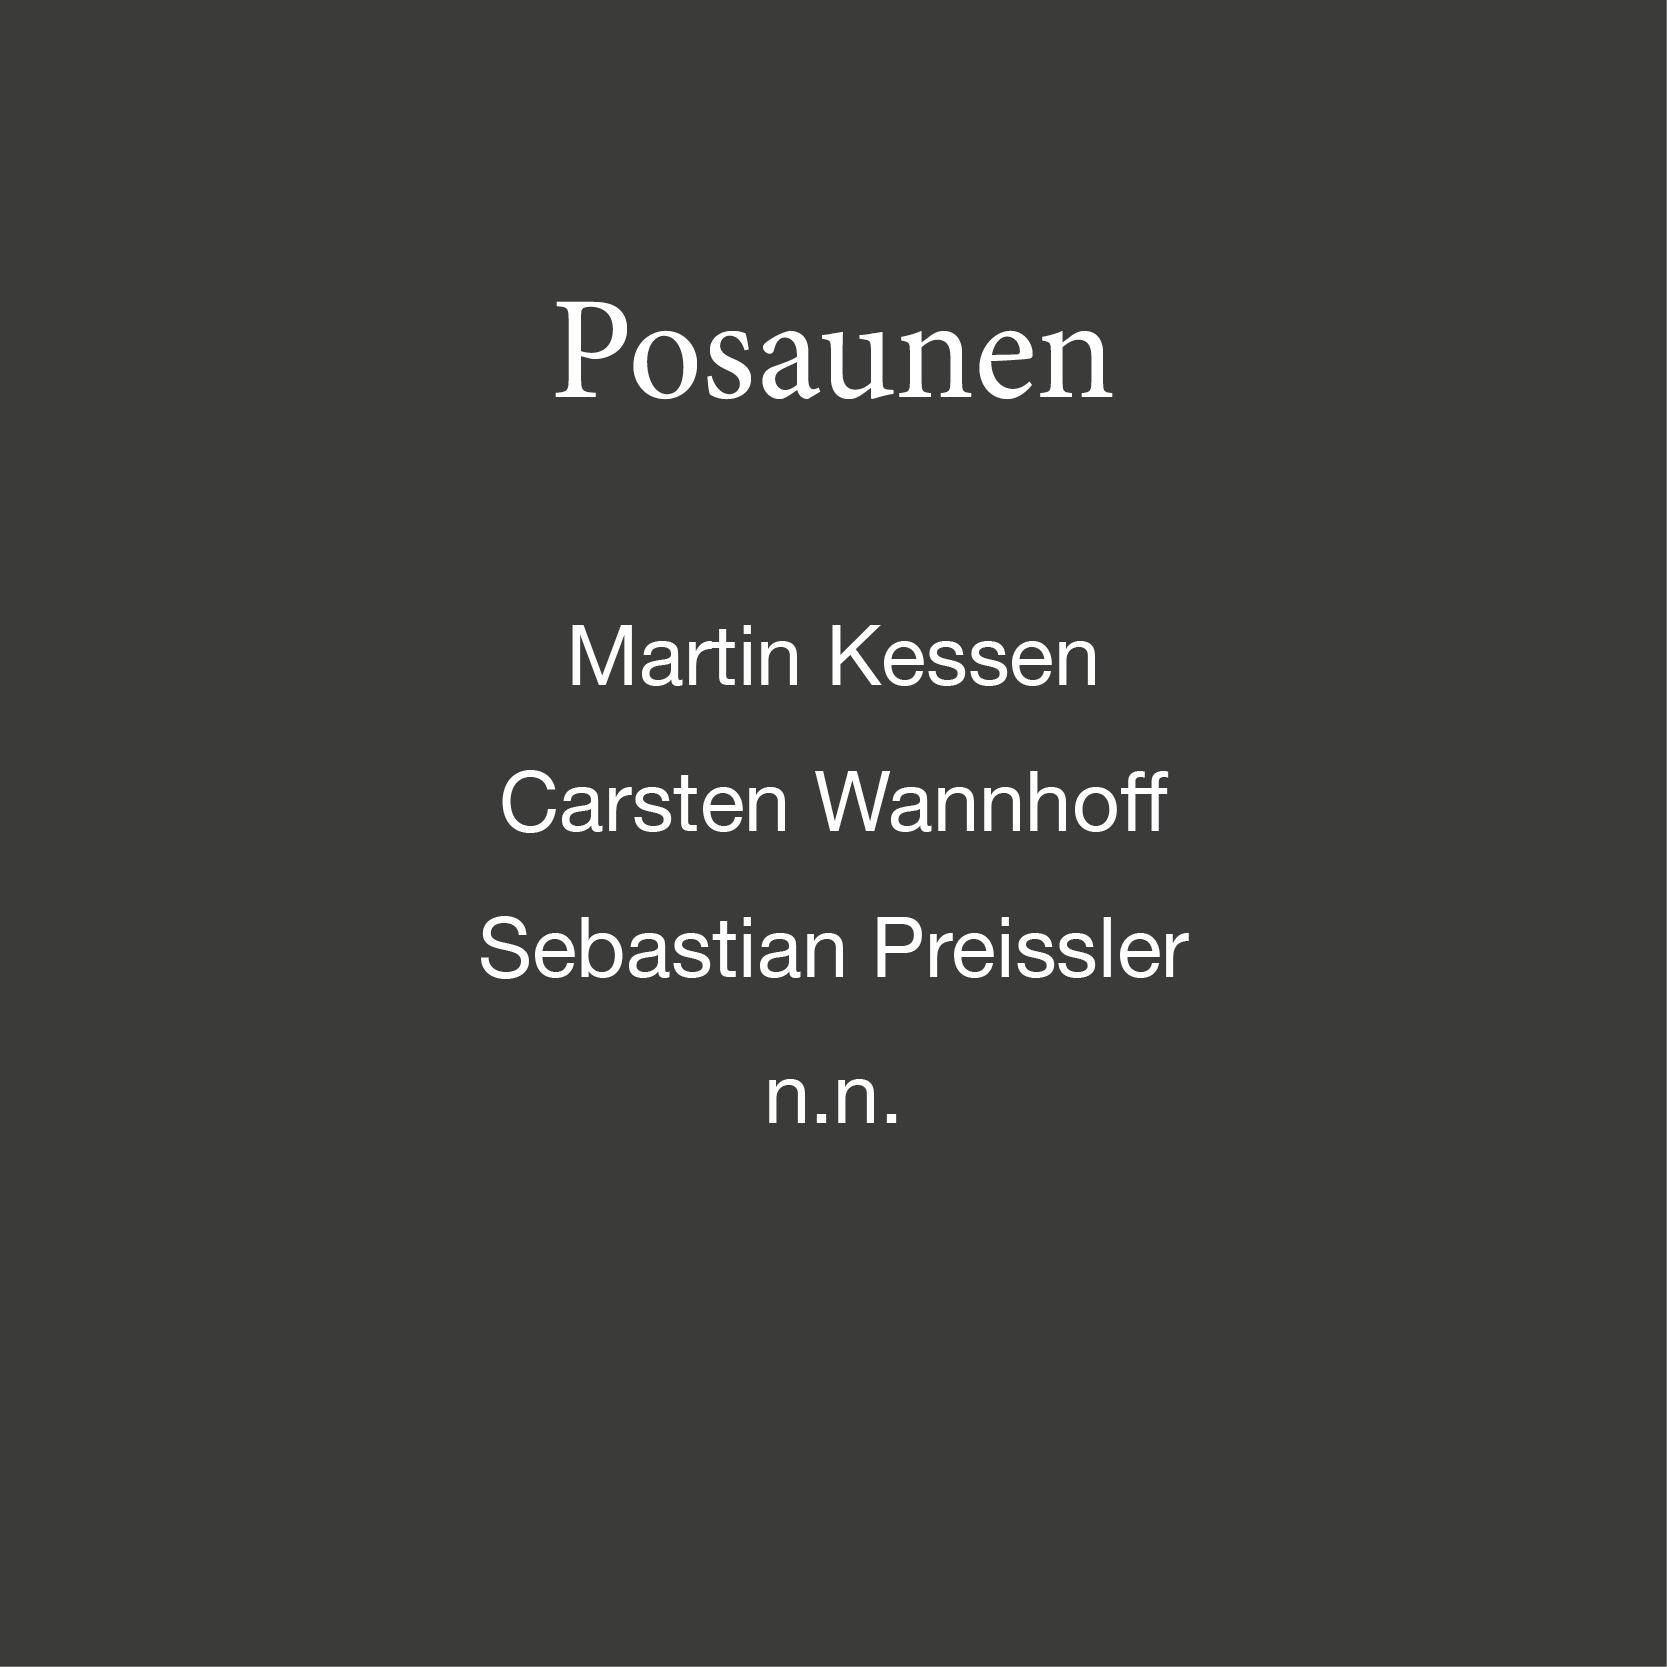 soundpack-besetzung2.jpg